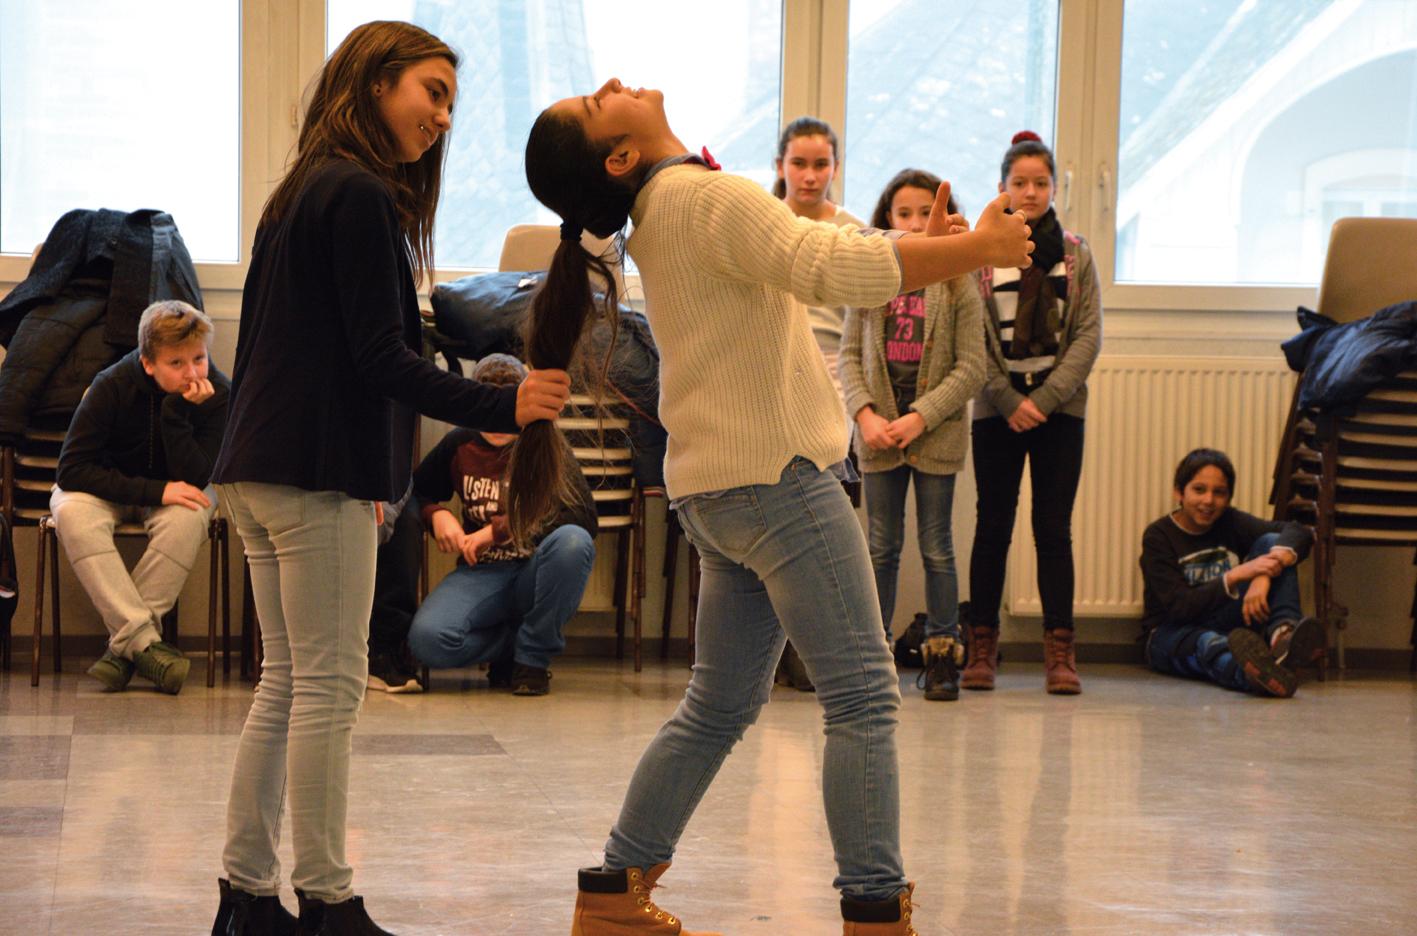 nneChantier avec le collège Sainte-Anne mené par  Stéphanie Félix  / Déc 15 - Mars 16